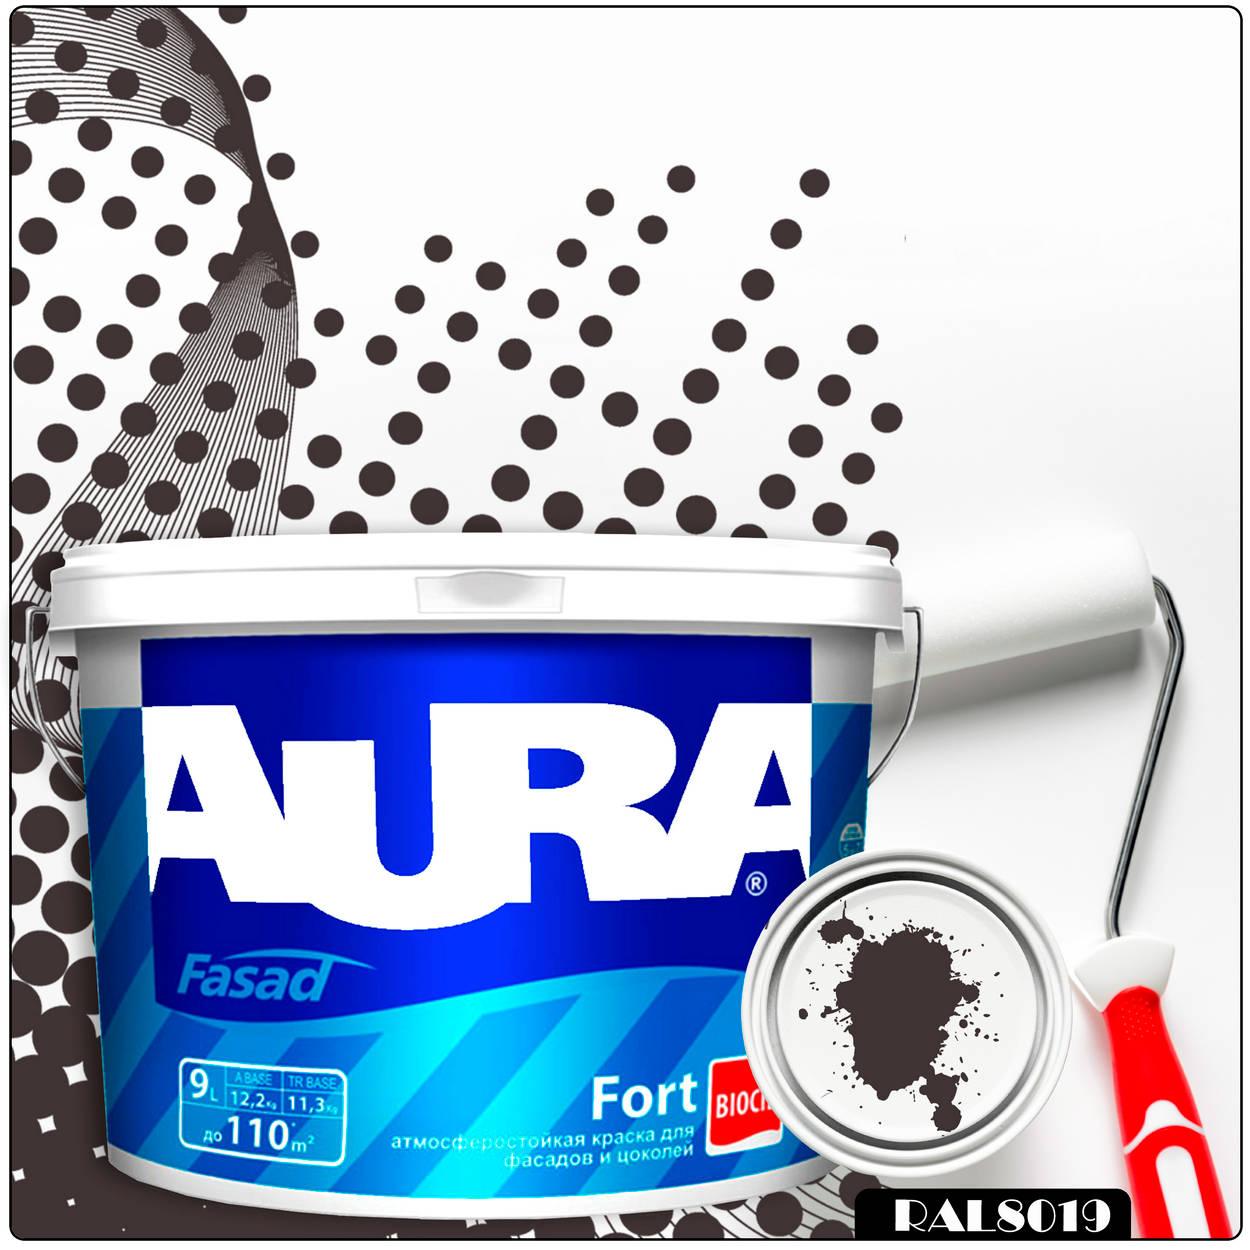 Фото 13 - Краска Aura Fasad Fort, RAL 8019 Серо-коричневый, латексная, матовая, для фасада и цоколей, 9л, Аура.